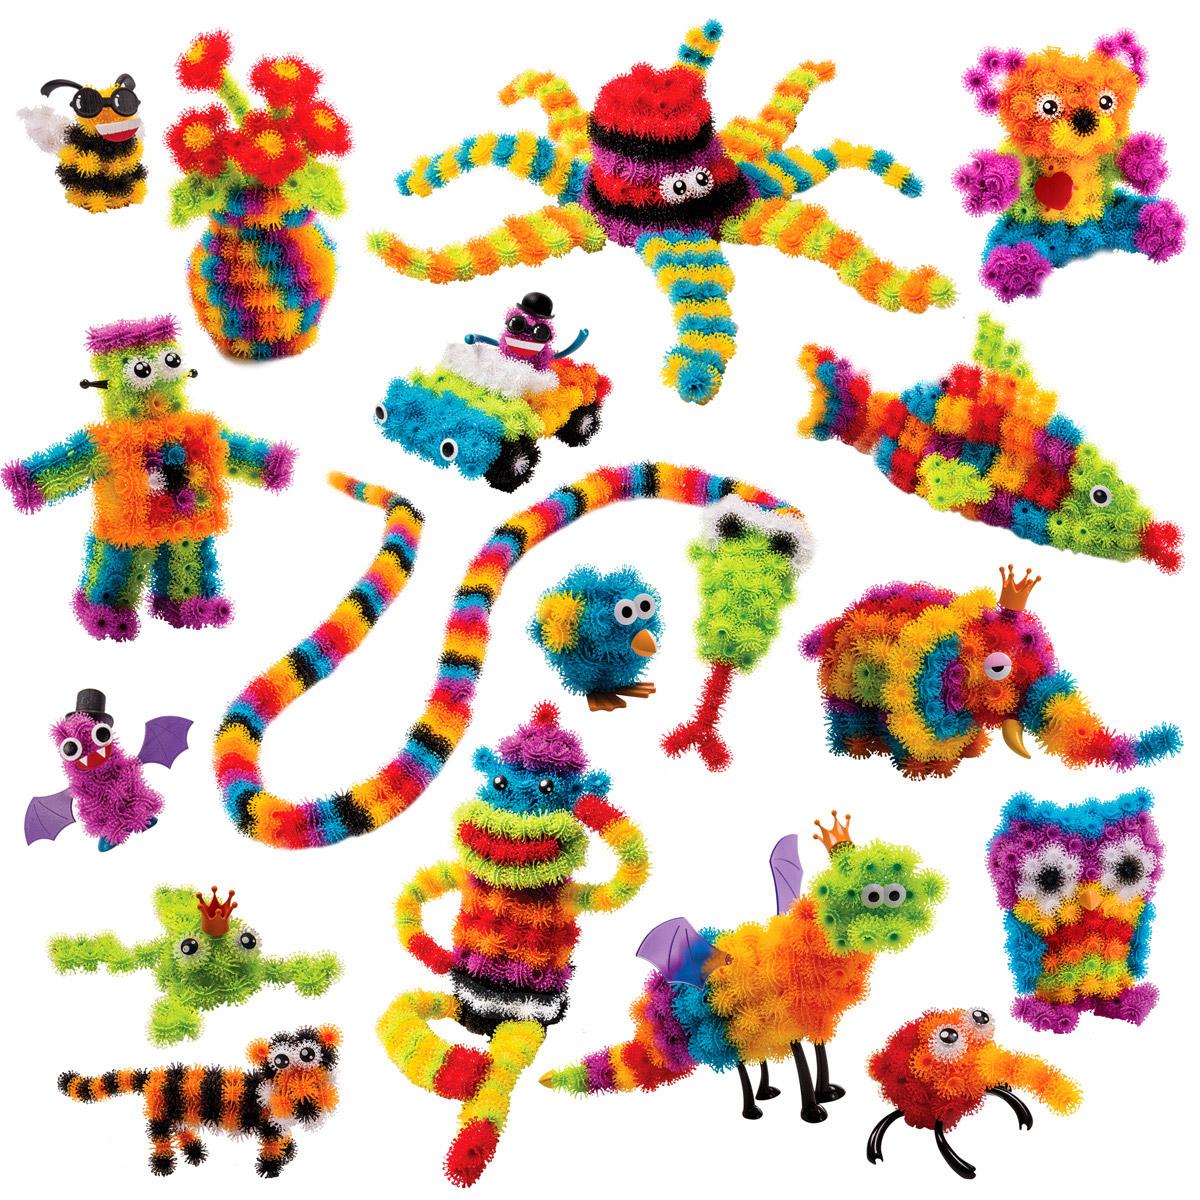 Bunchems Конструктор Мегапак моделирование забавных животных из шариков